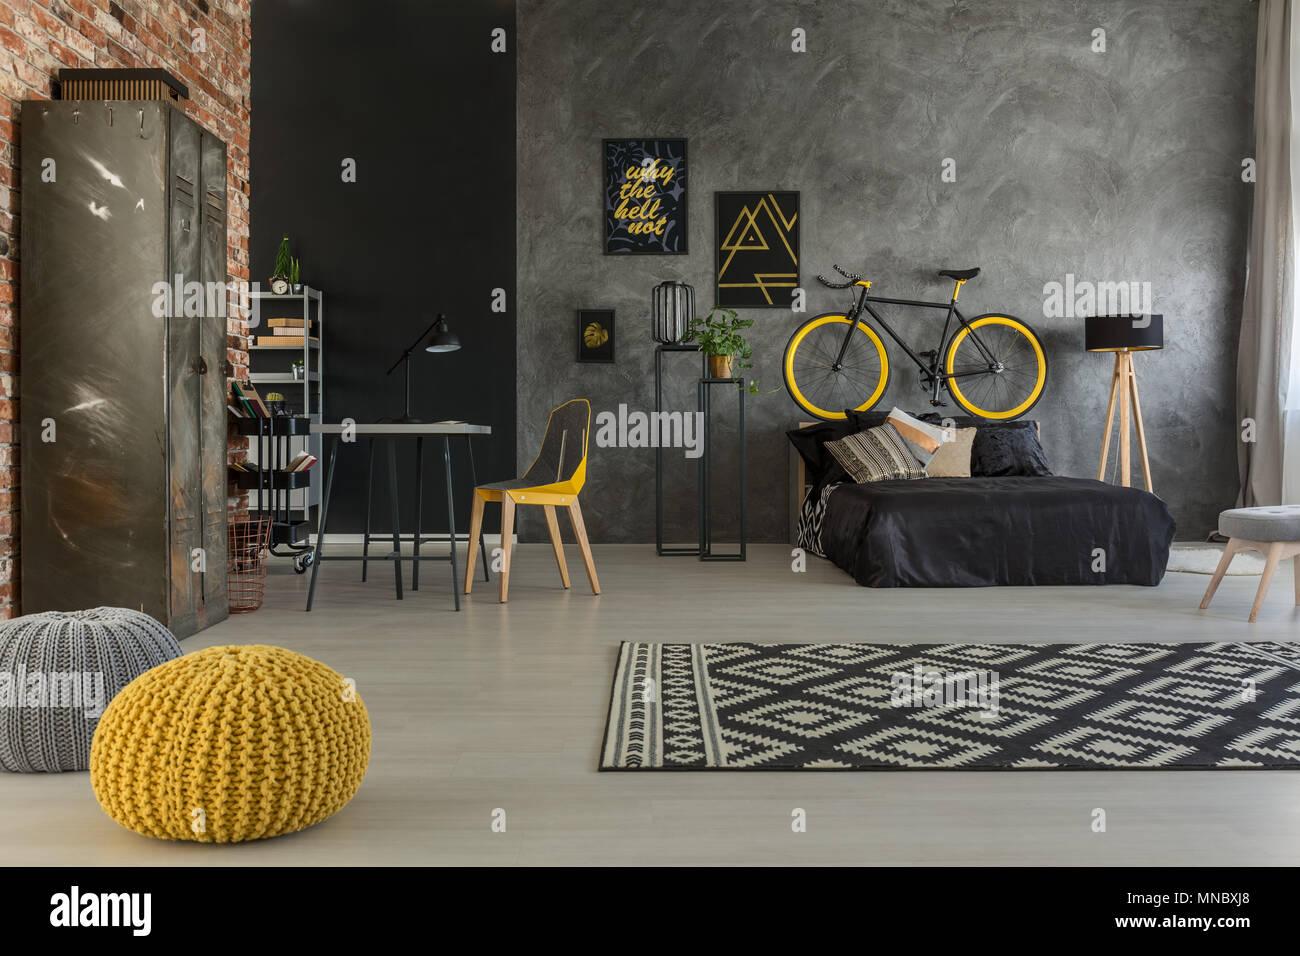 Grau Schlafzimmer mit Bett, Schreibtisch, Stuhl, Wand, gelb Details Stockbild